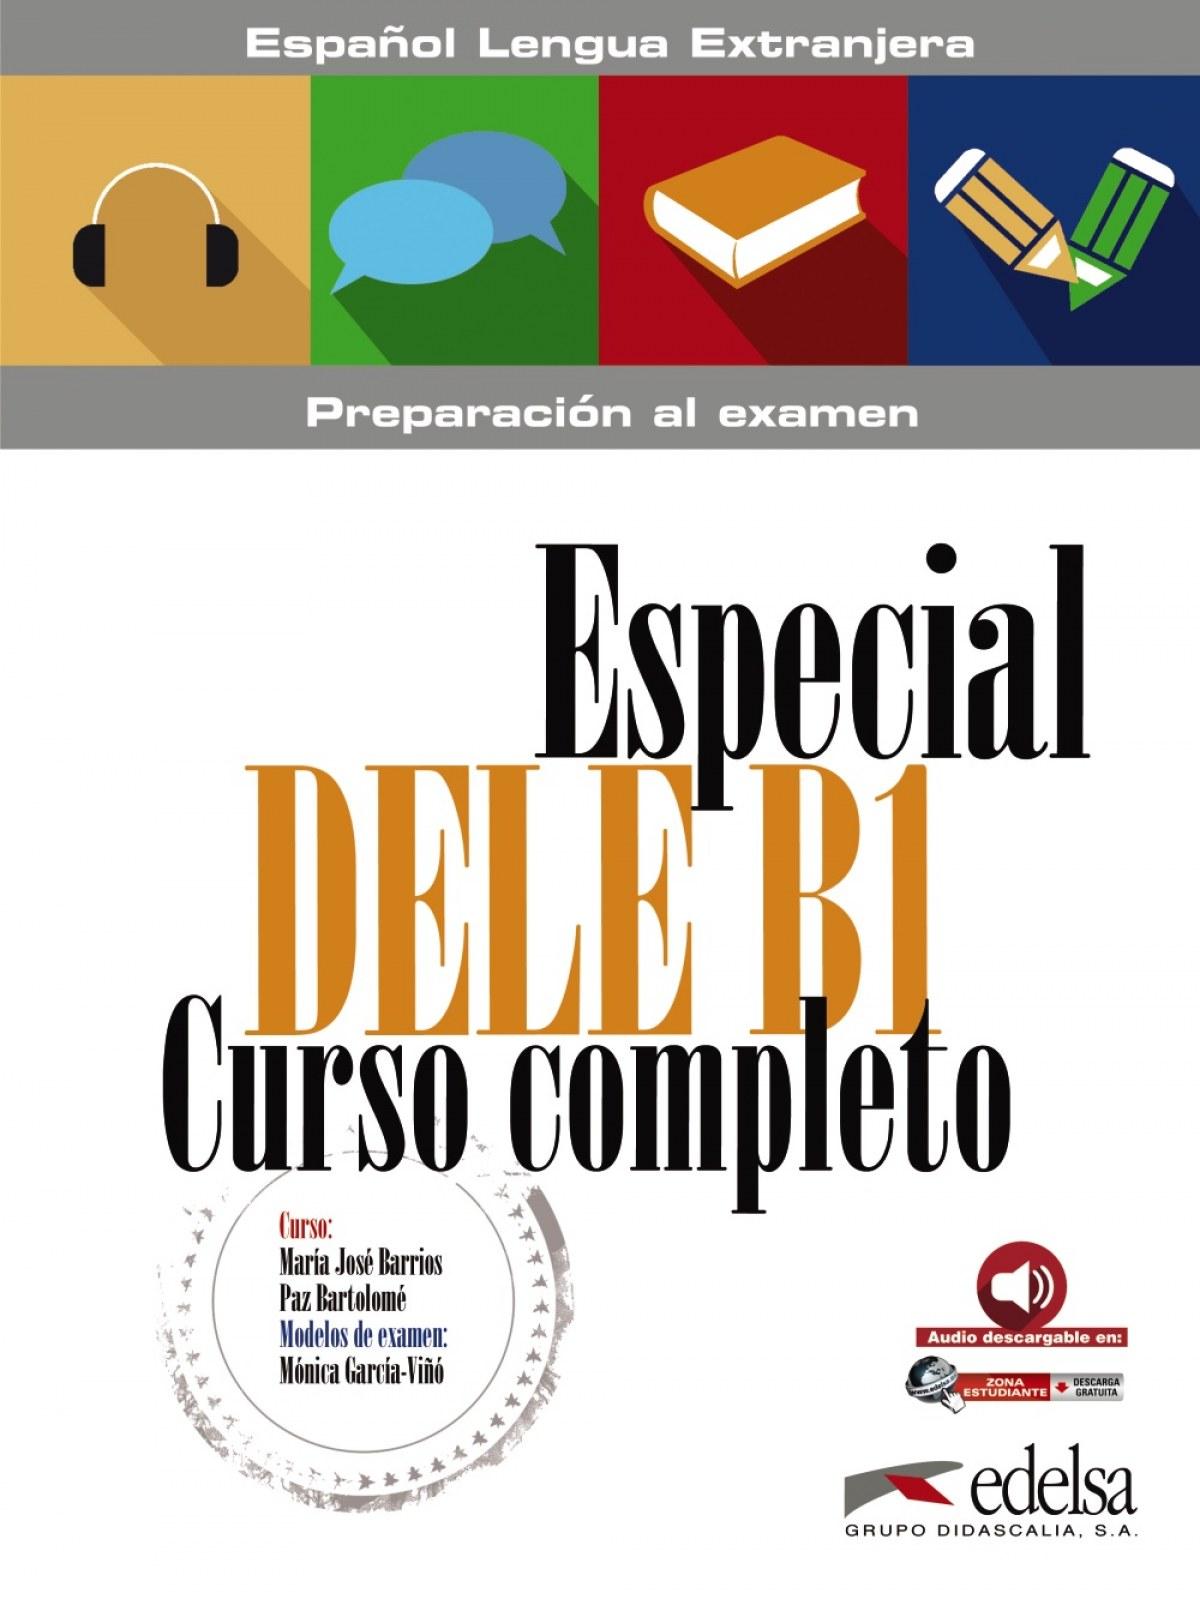 ESPECIAL DELE B1 CURSO COMPLETO